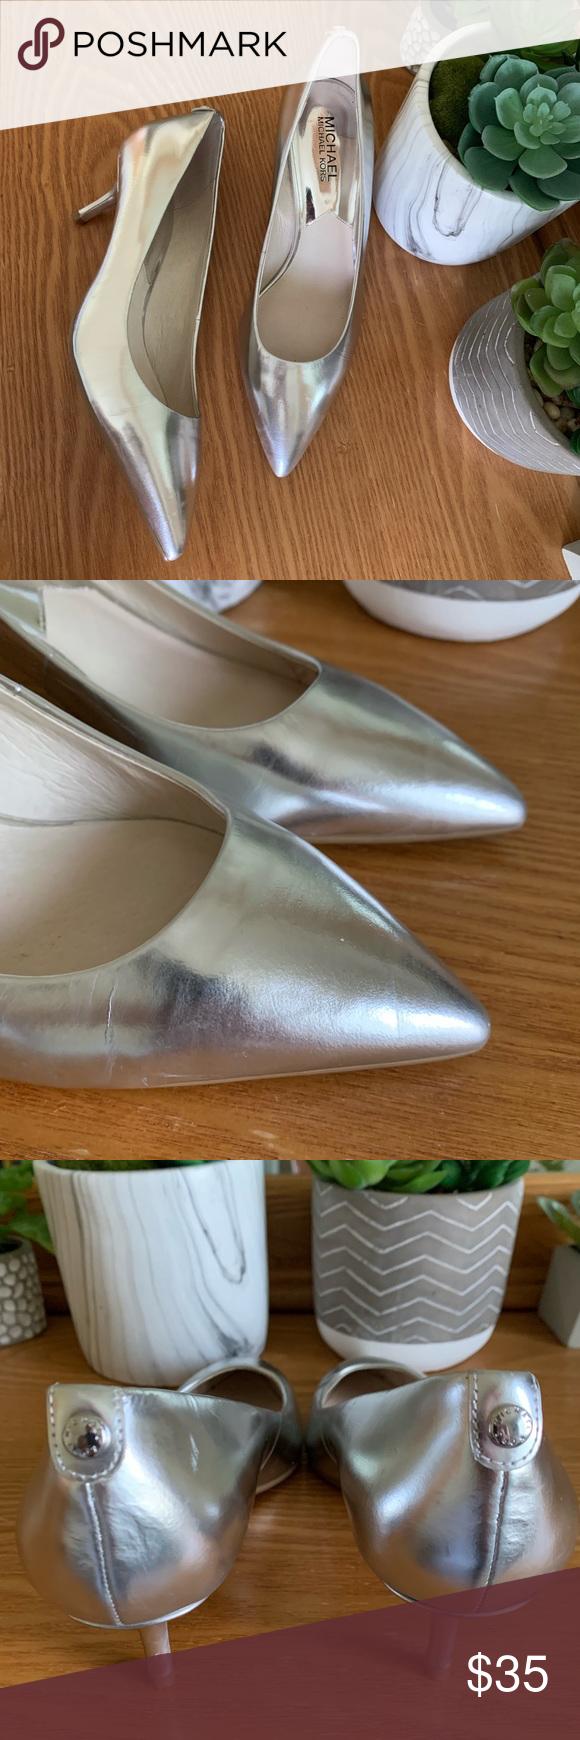 Michael Kors Metallic Flex Kitten Heel Pumps Michael Kors Shoes Heels Kitten Heel Pumps Shoes Women Heels